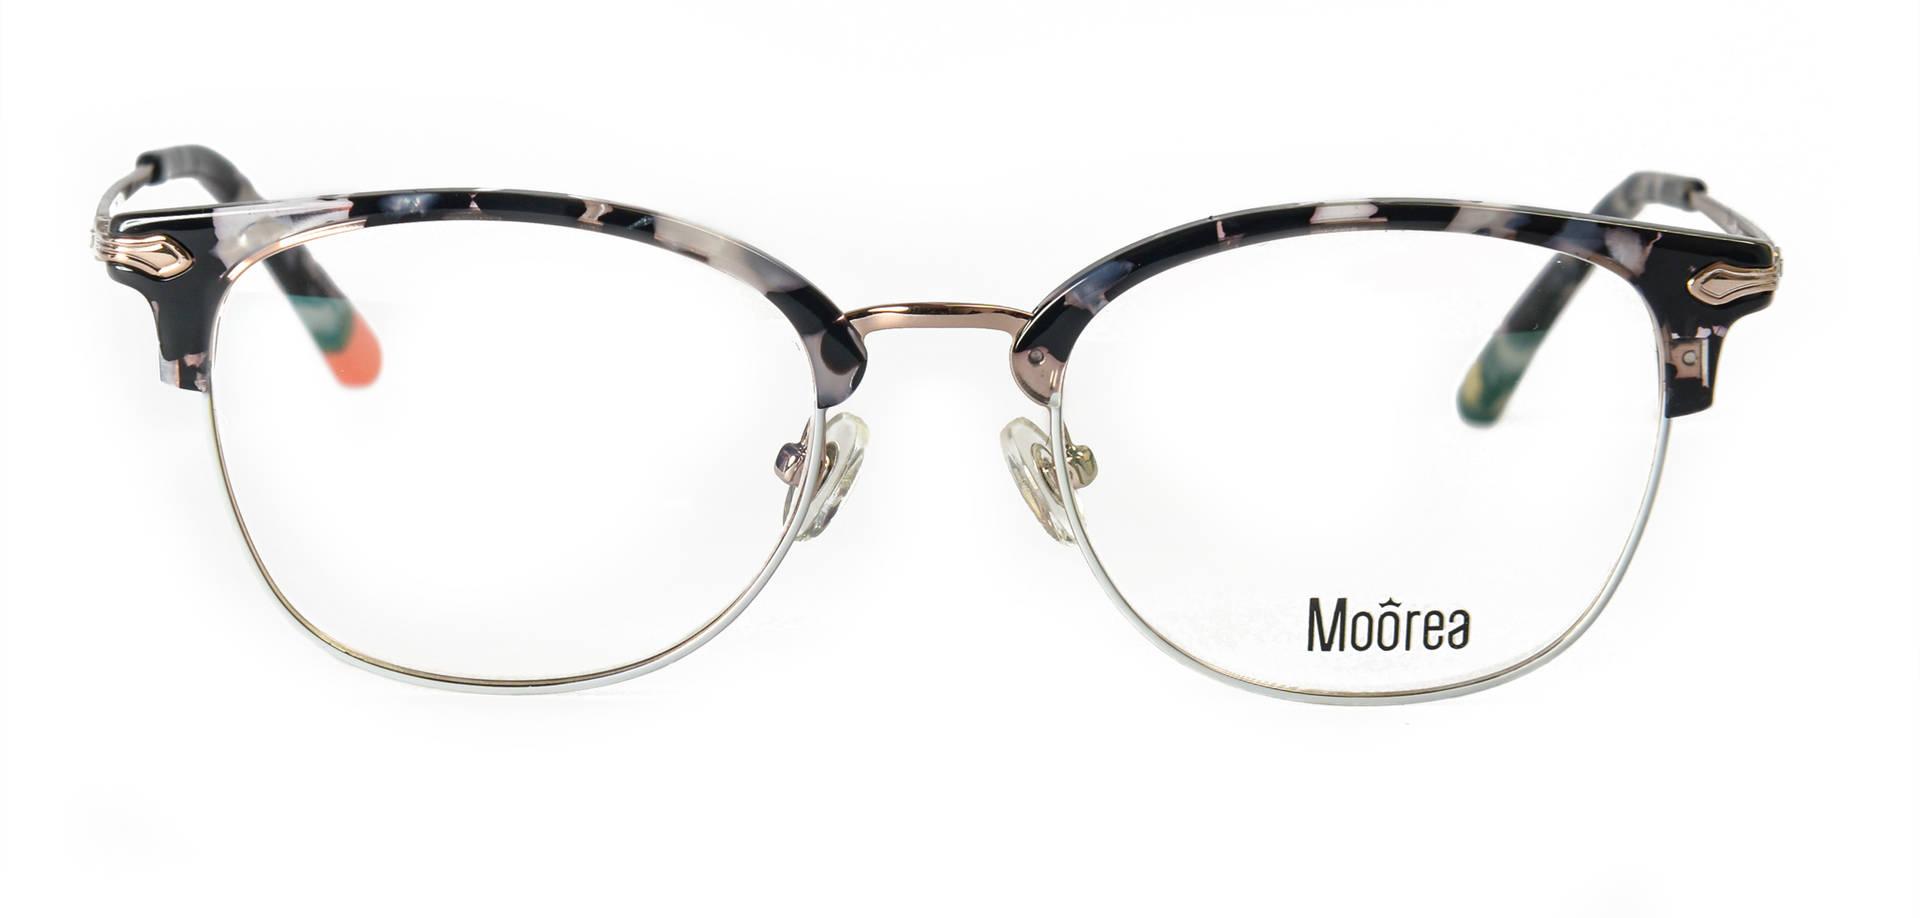 7R3-MOOREA-10 C3